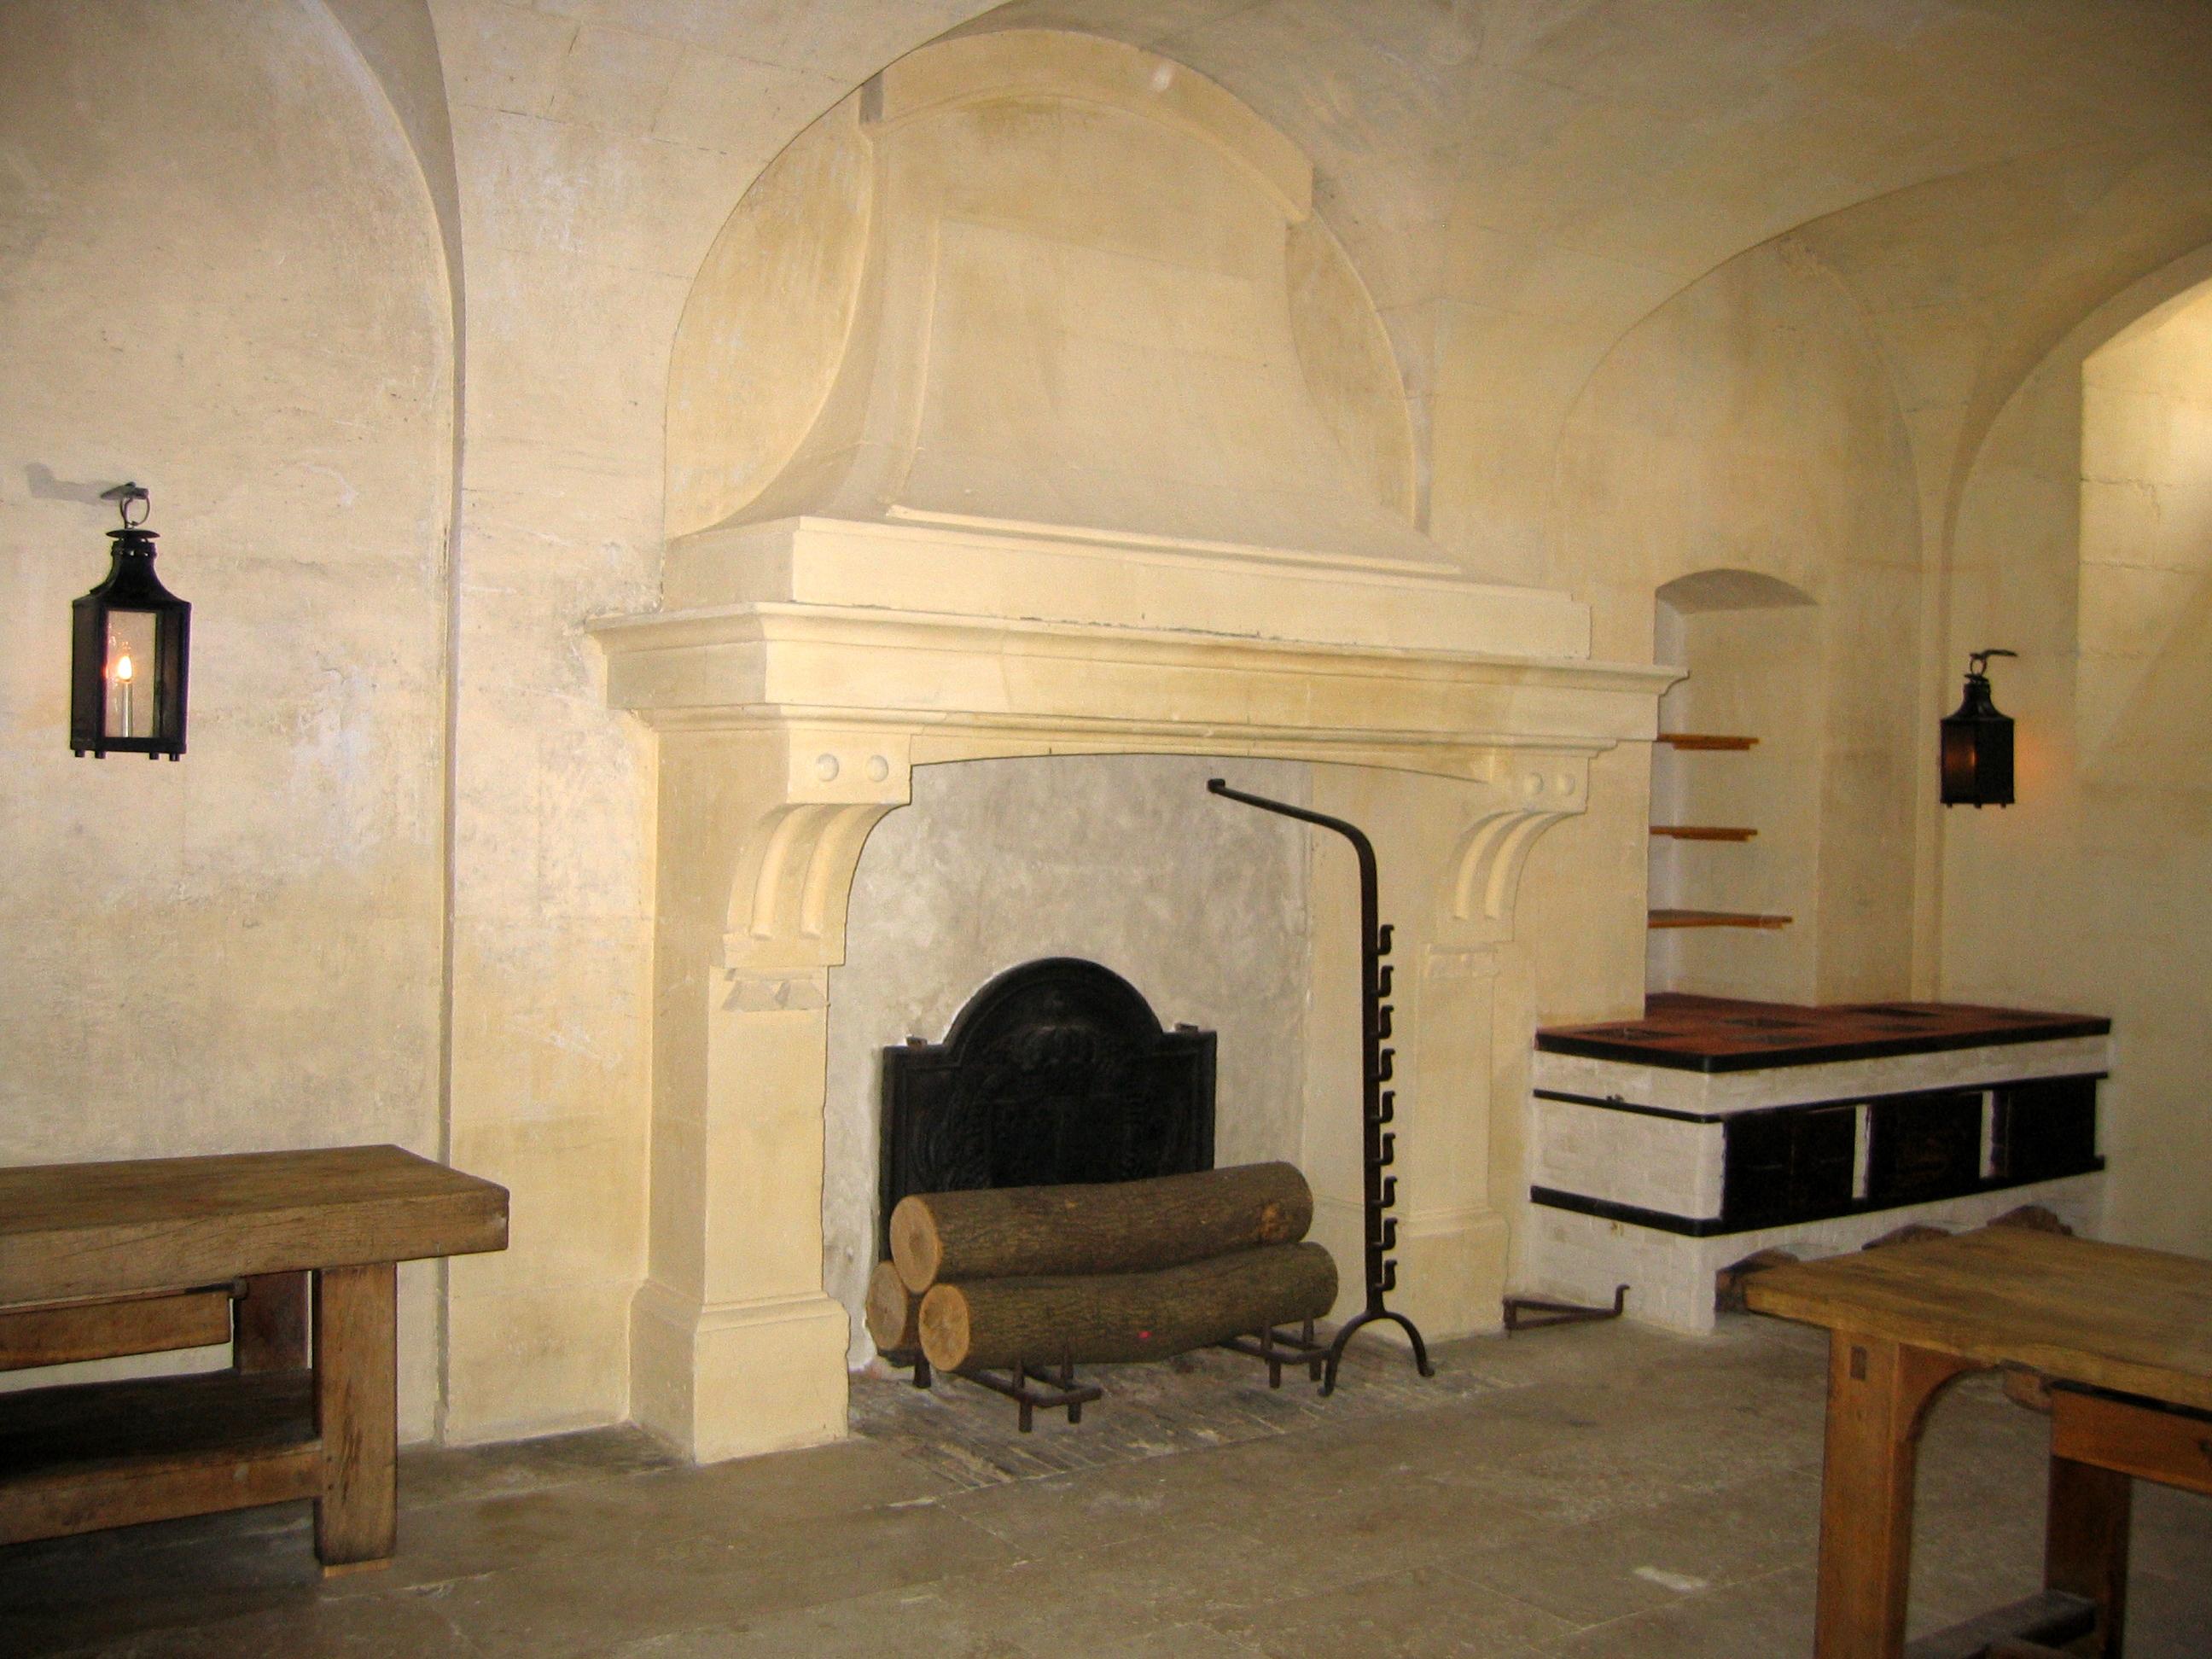 Fichier:Le réchauffoir du petit Trianon.JPG — Wikipédia